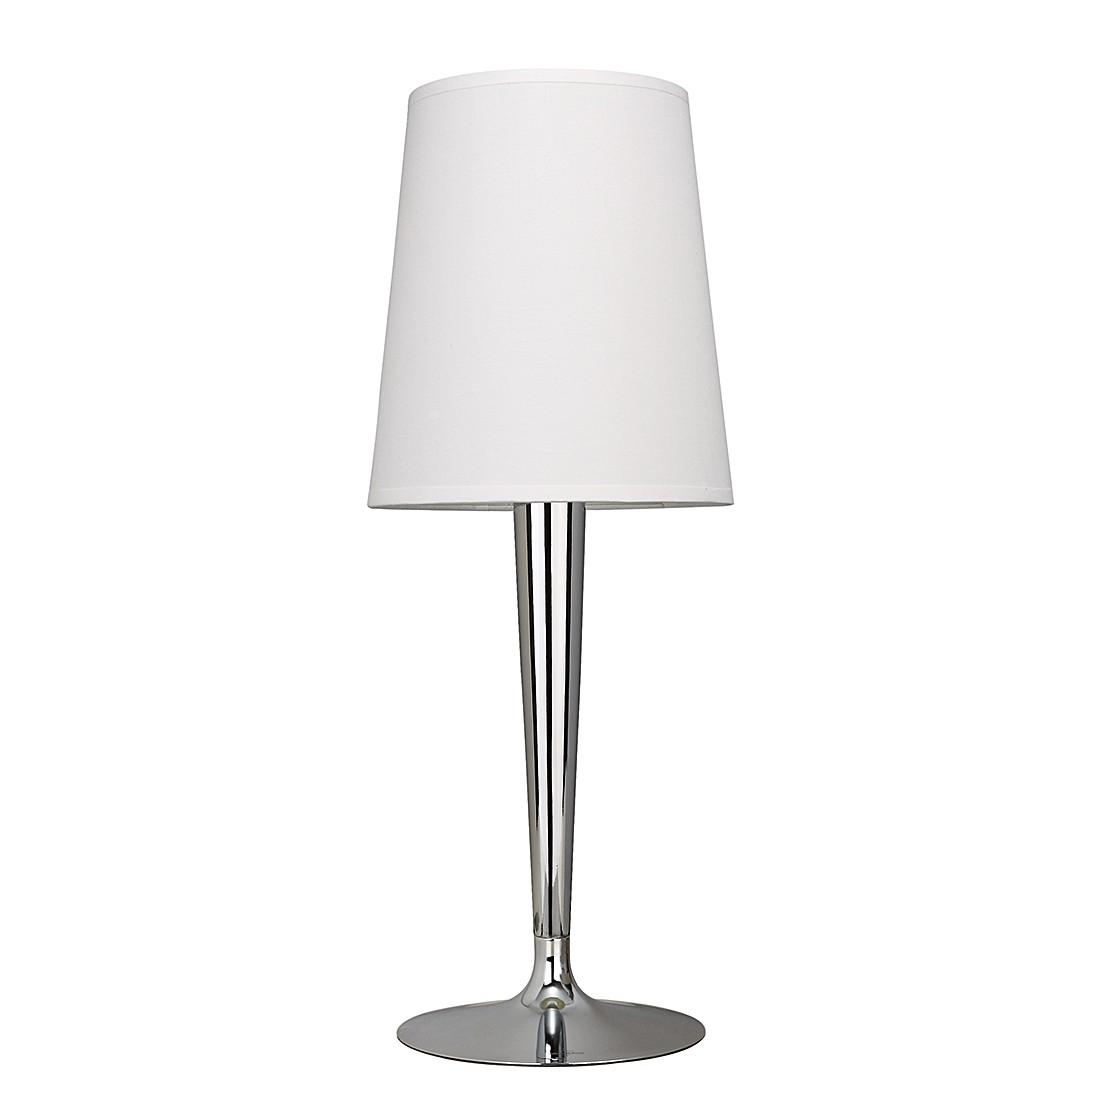 EEK A++, Lampe de table Paris - Argenté / Blanc - 1 ampoule, Villeroy und Boch